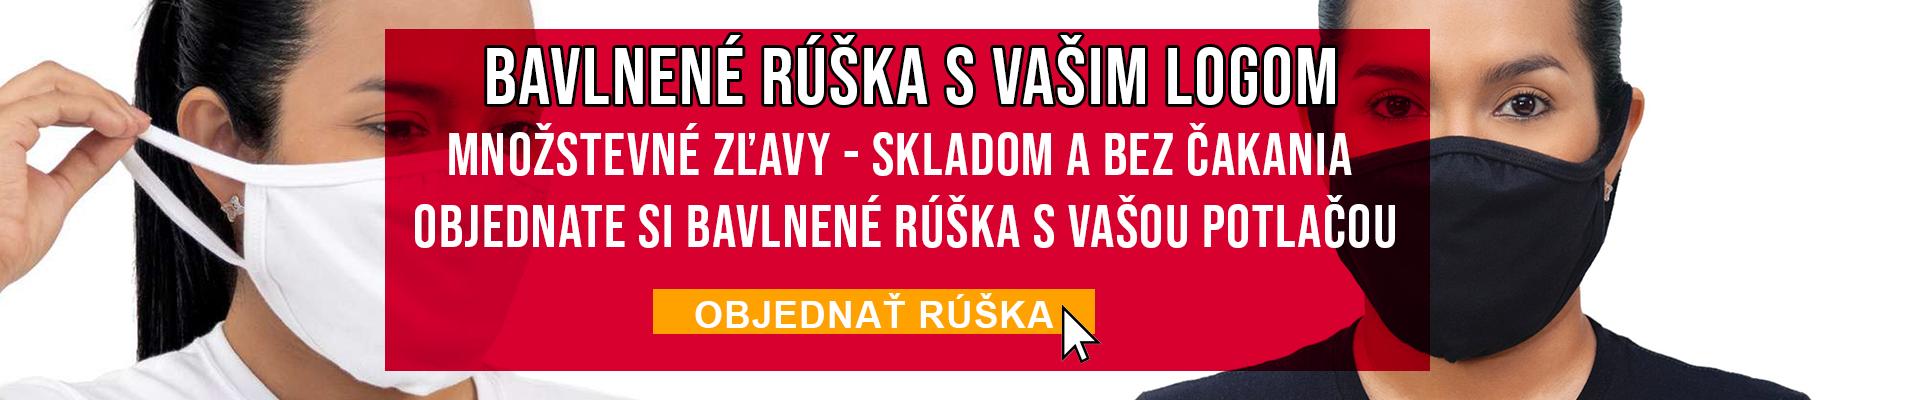 Bavlnené ruska